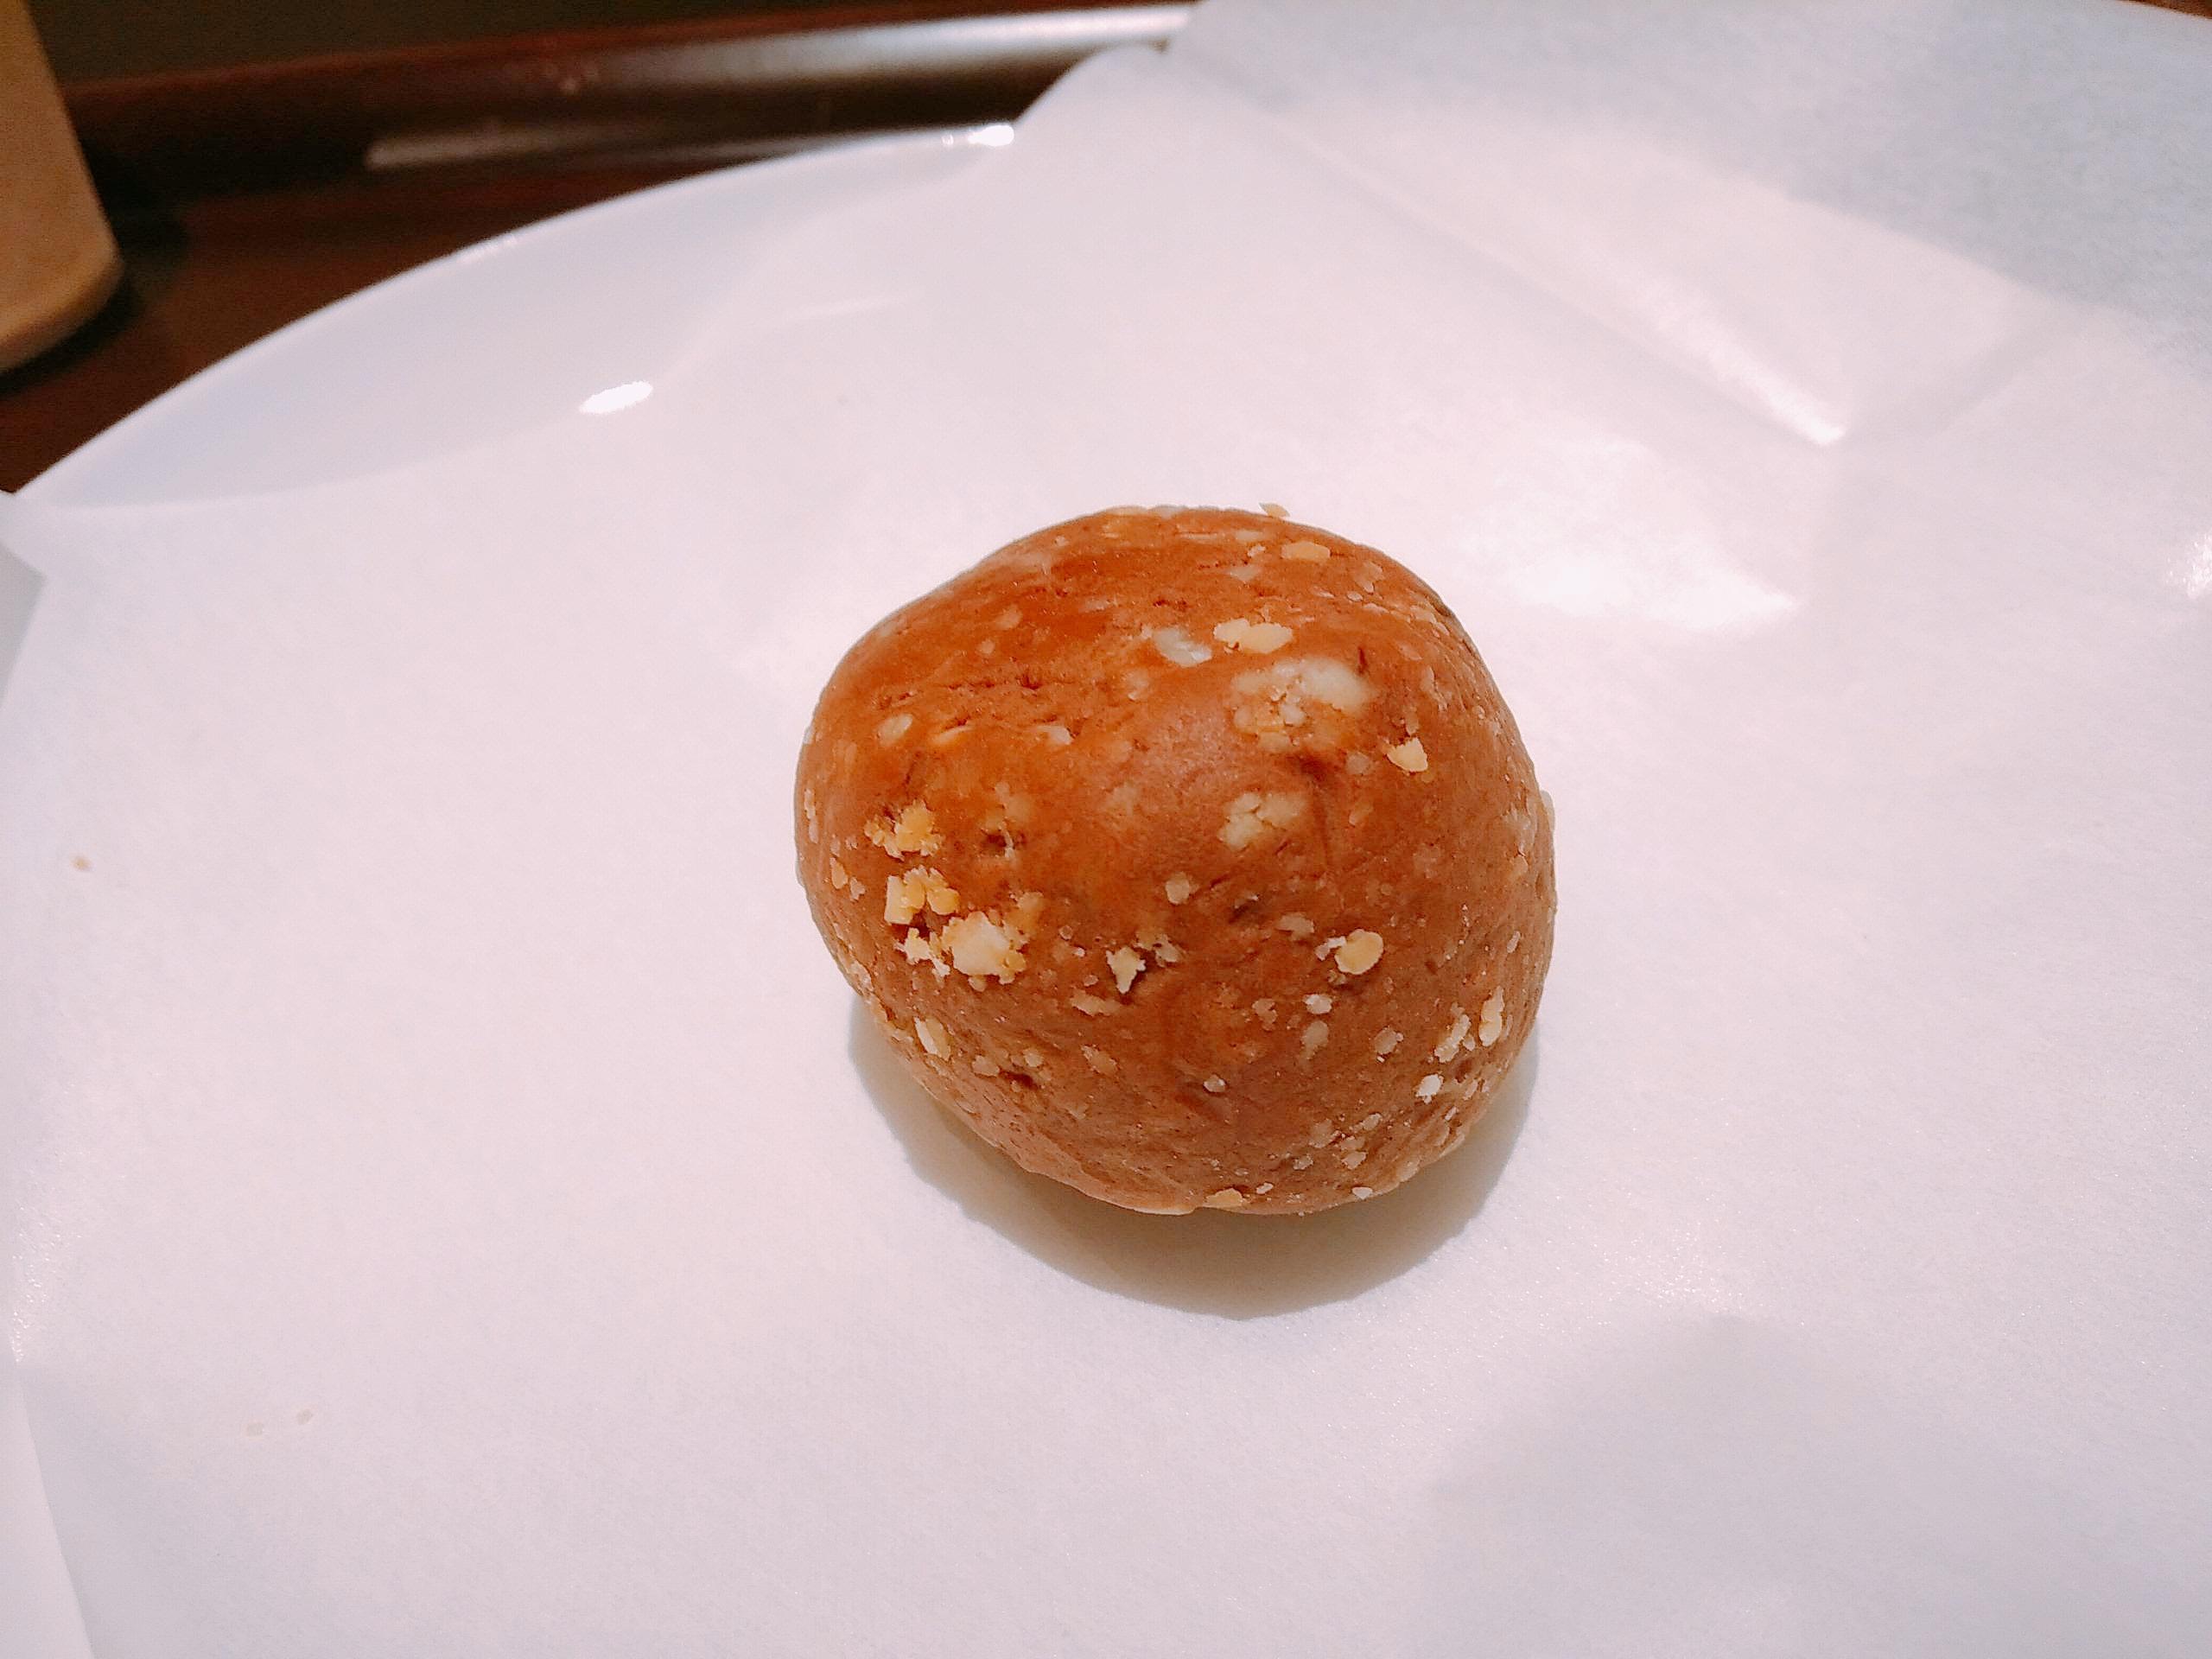 マイプロテインの「ビーガンプロテインボール:ピーナッツ味」の様子